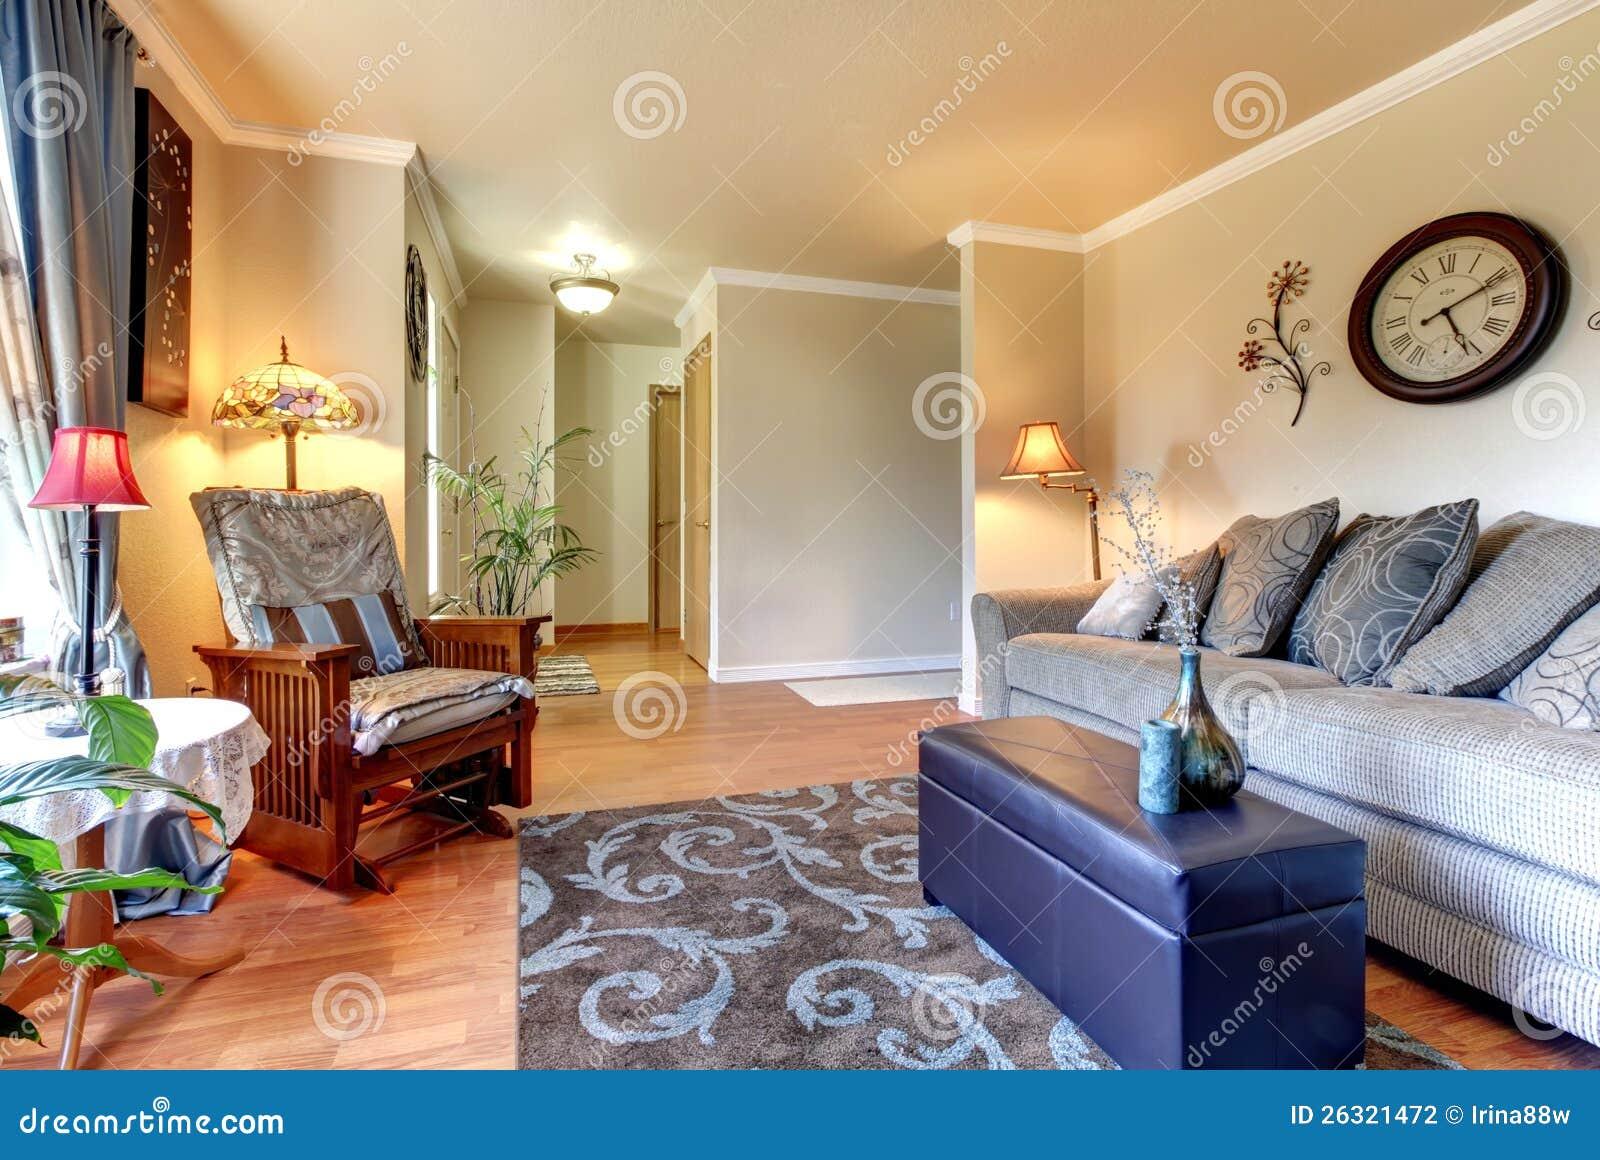 Dise O Interior De La Sala De Estar Cl Sica Elegante Y